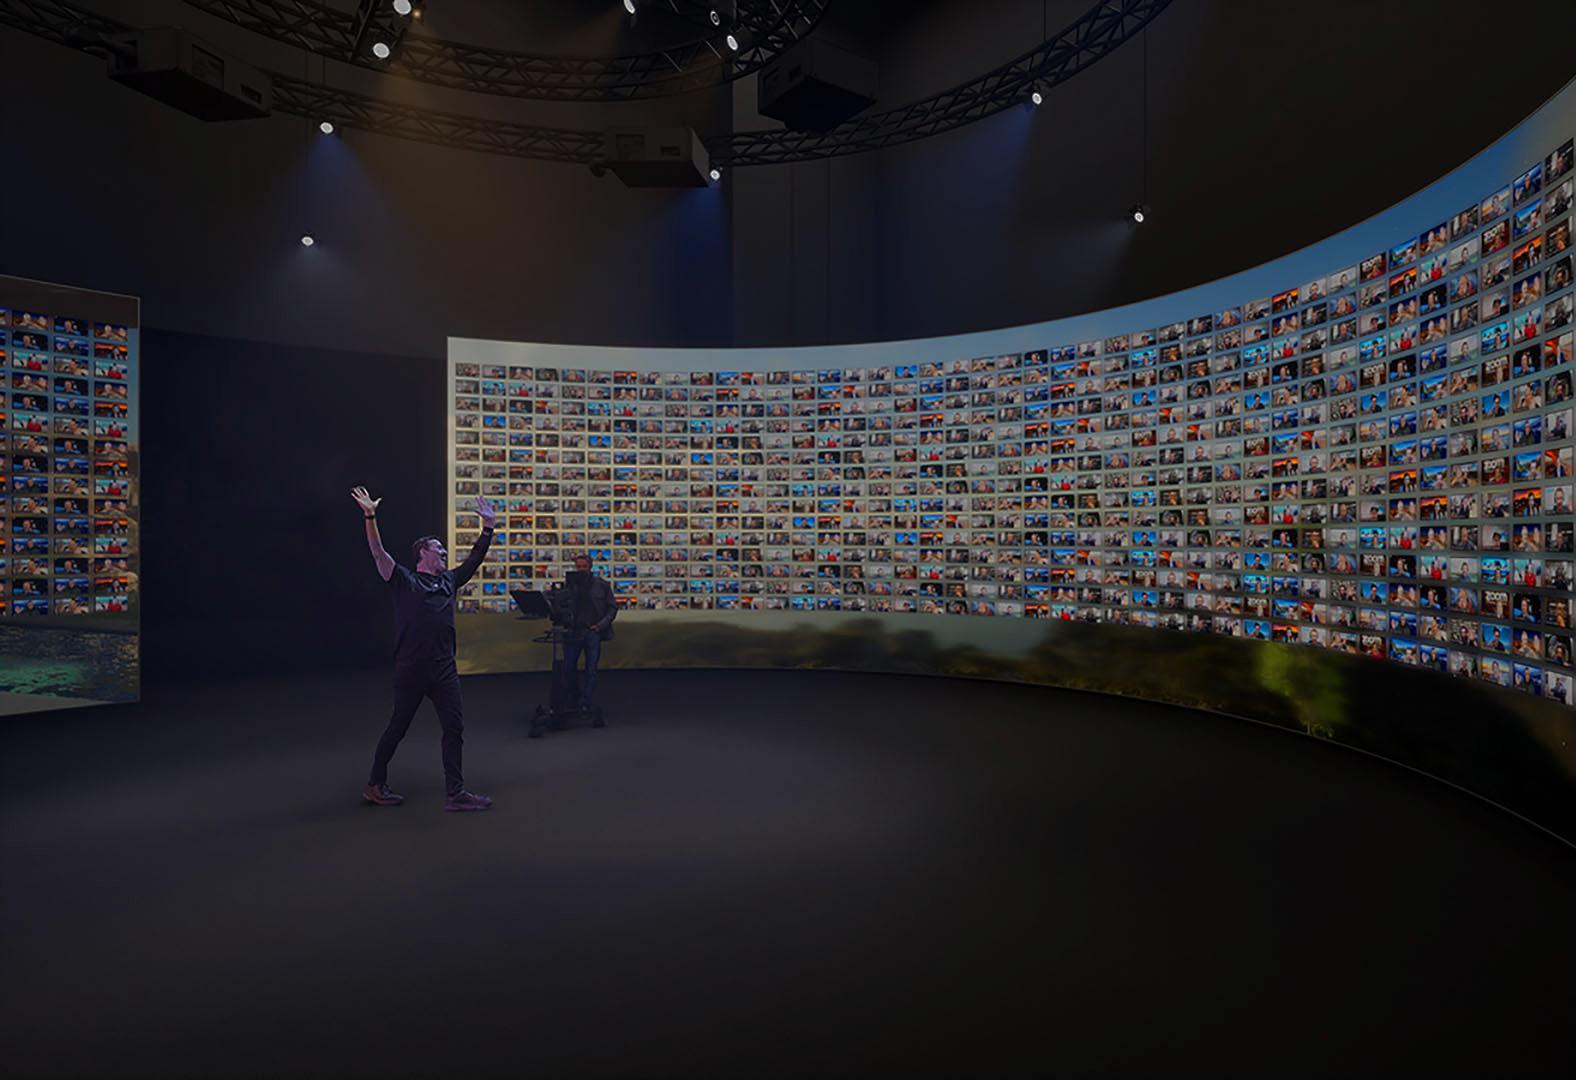 Expérience intéractive virtuelle à 360°